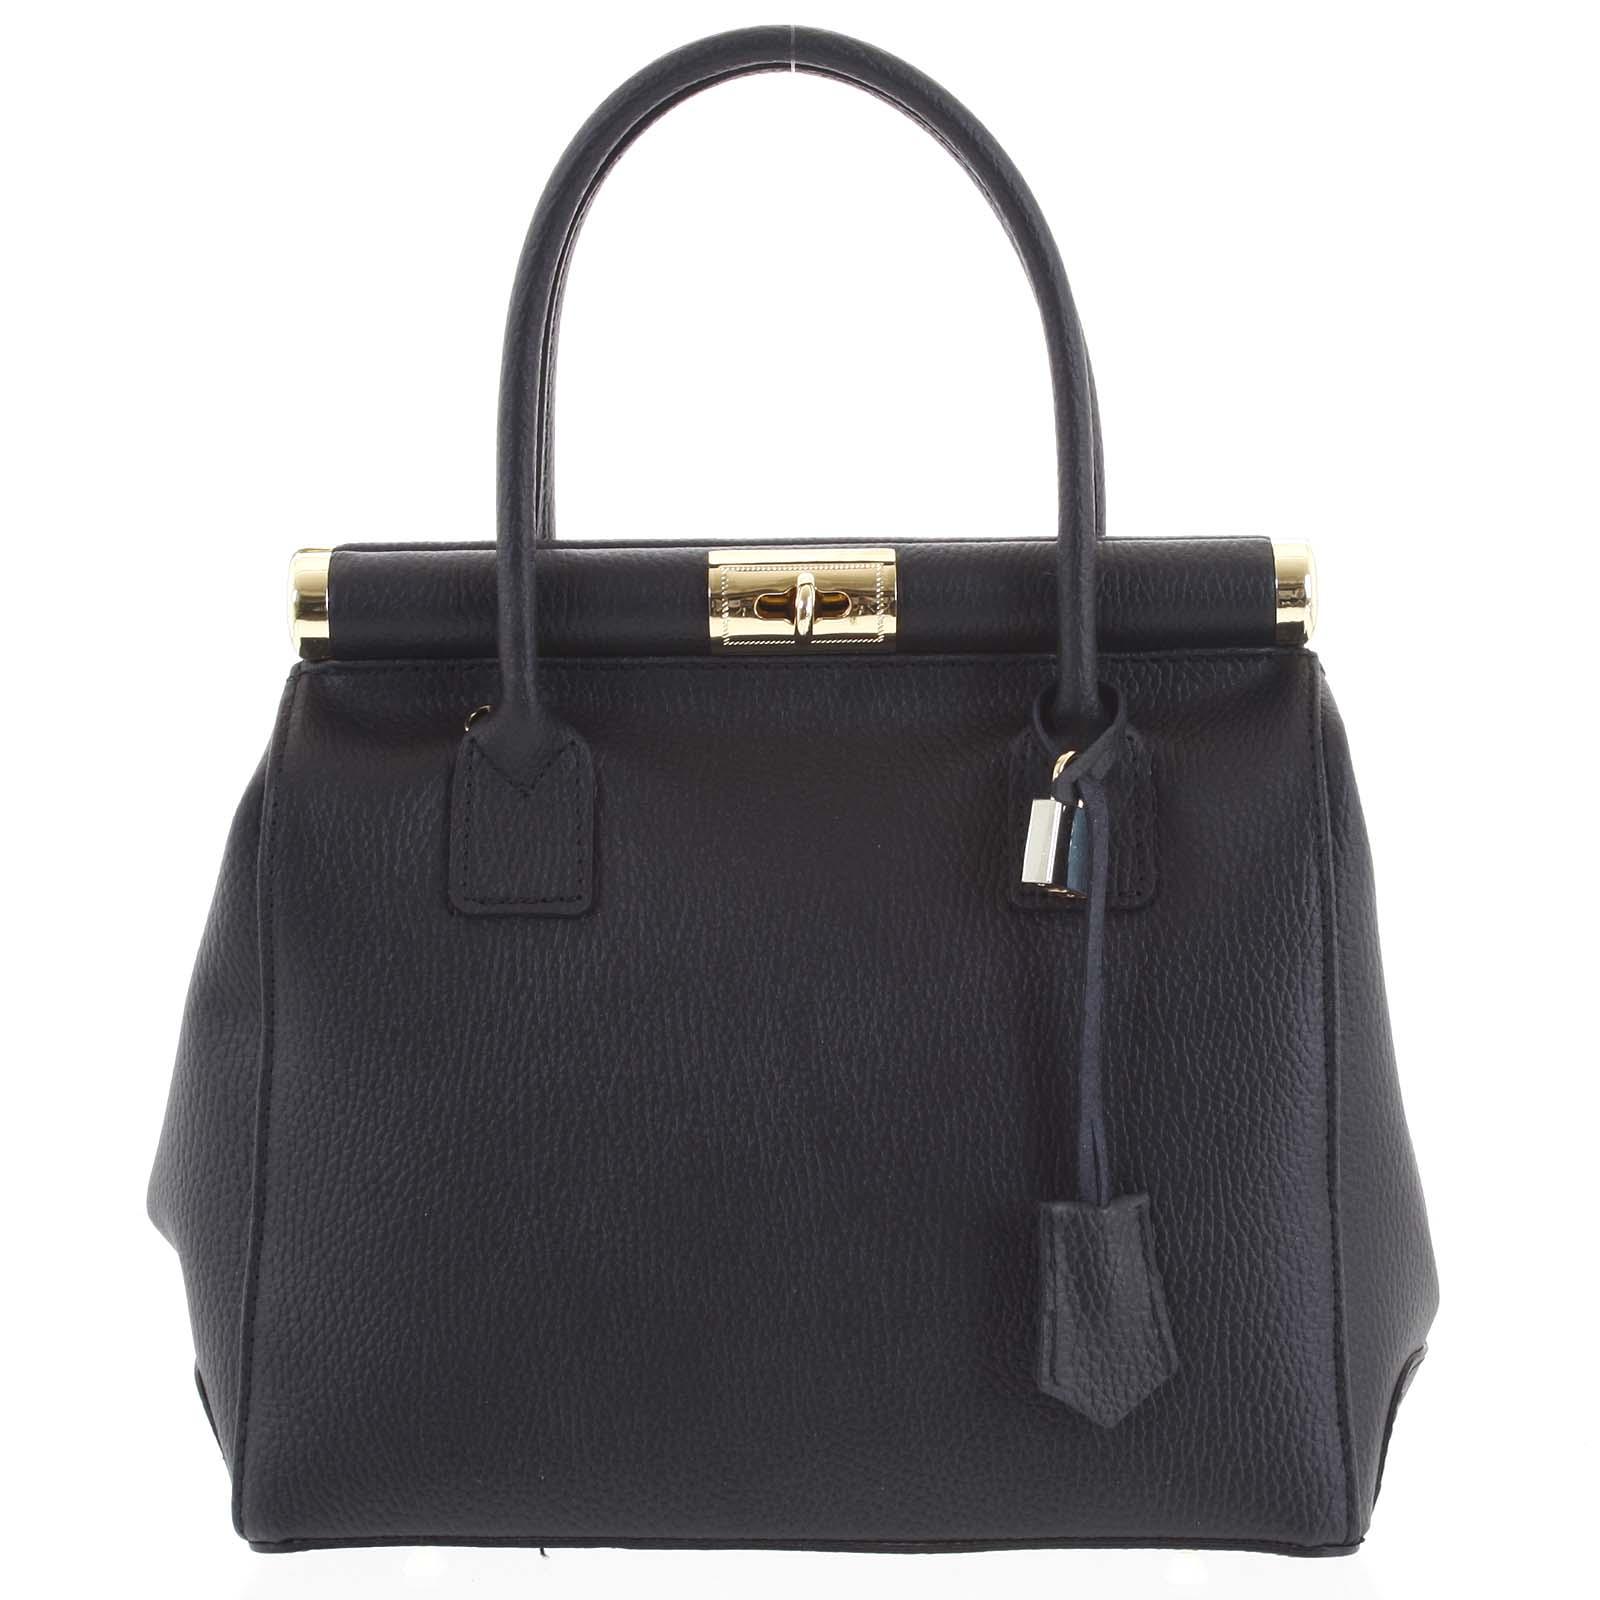 Luxusní dámská kožená kabelka do ruky černá - ItalY Hyla